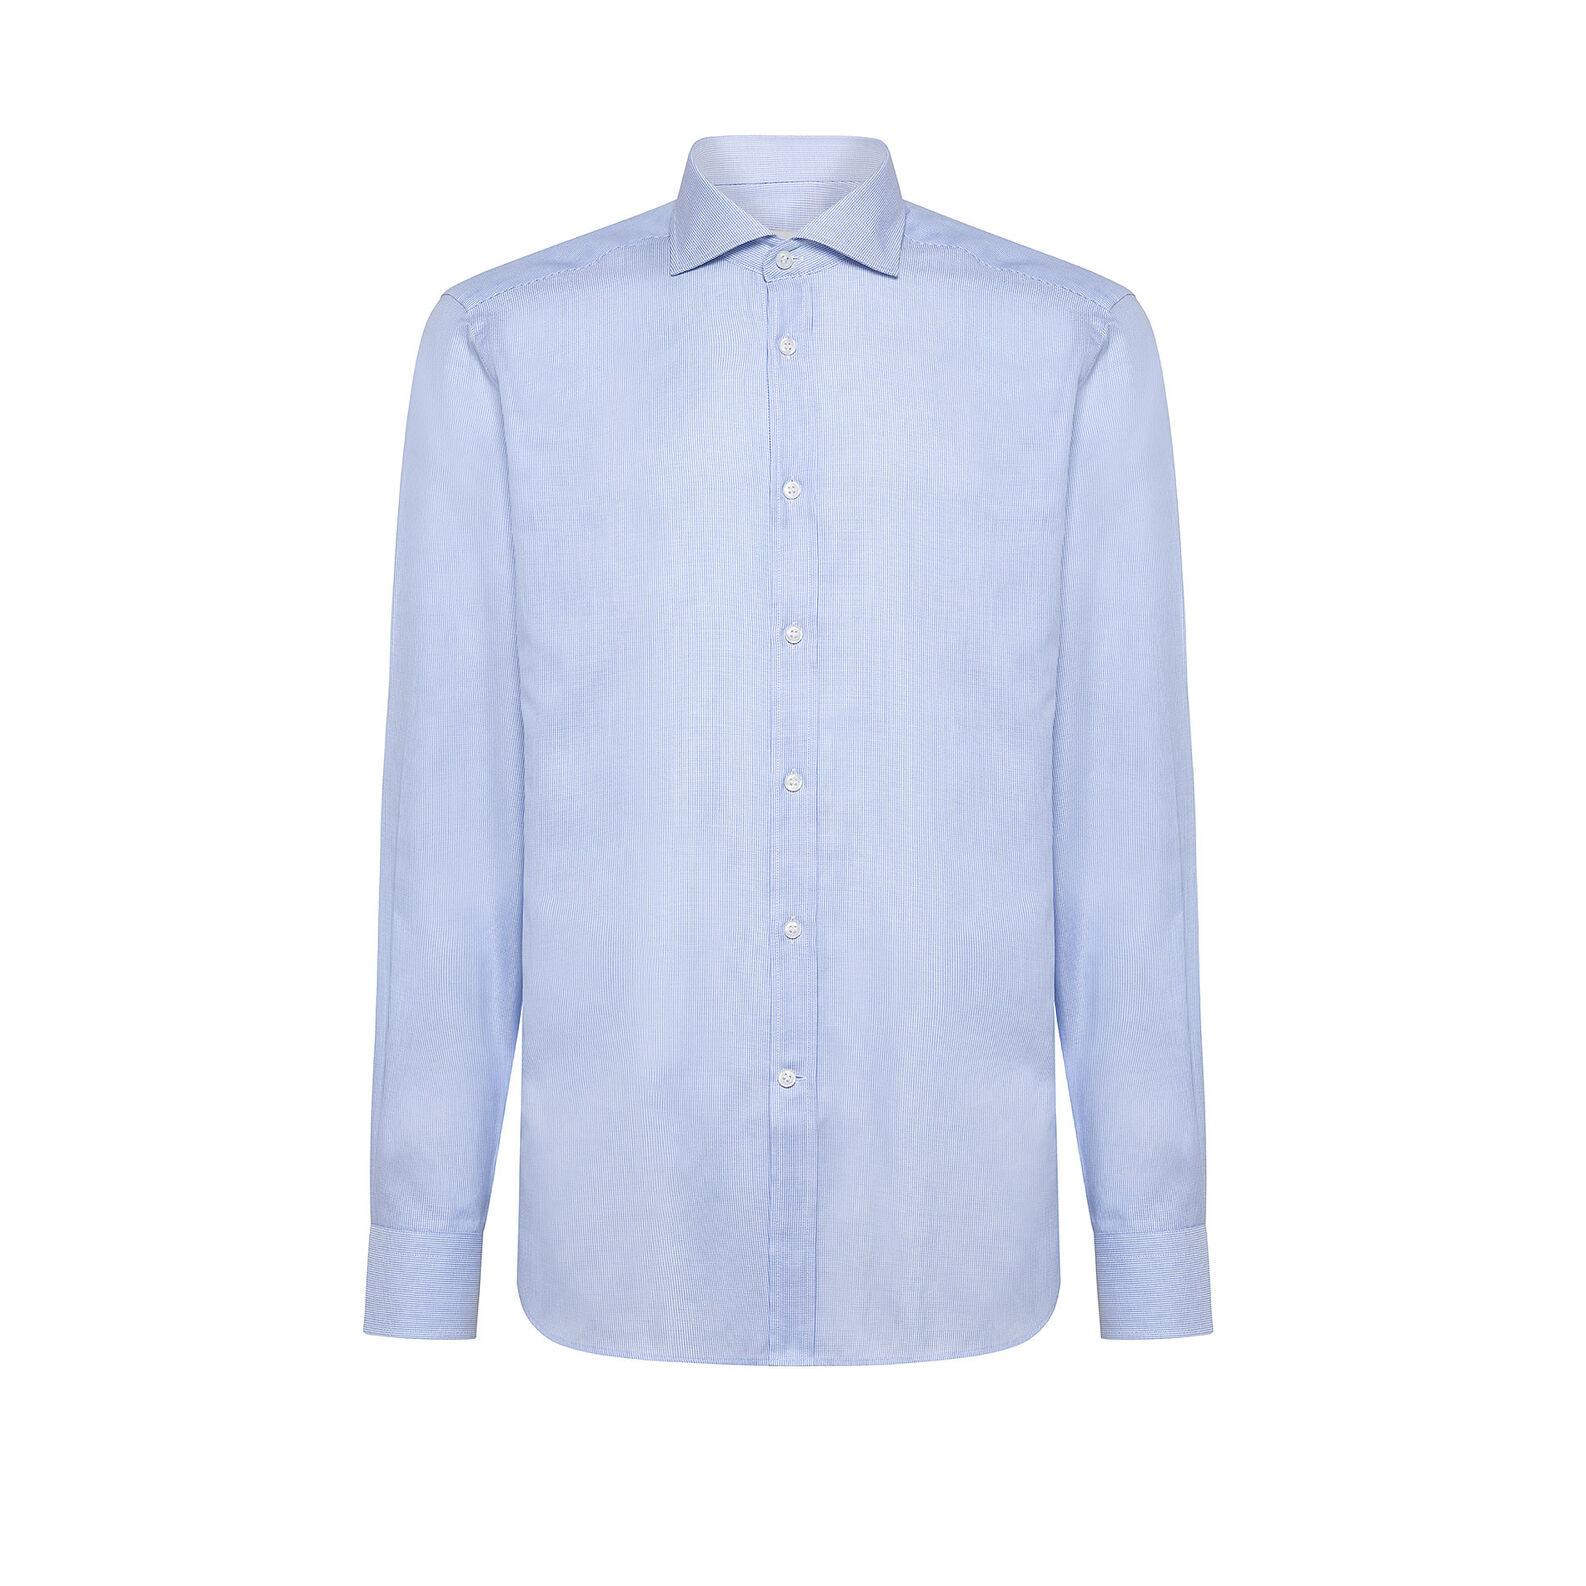 Regular-fit cotton shirt with cutaway collar